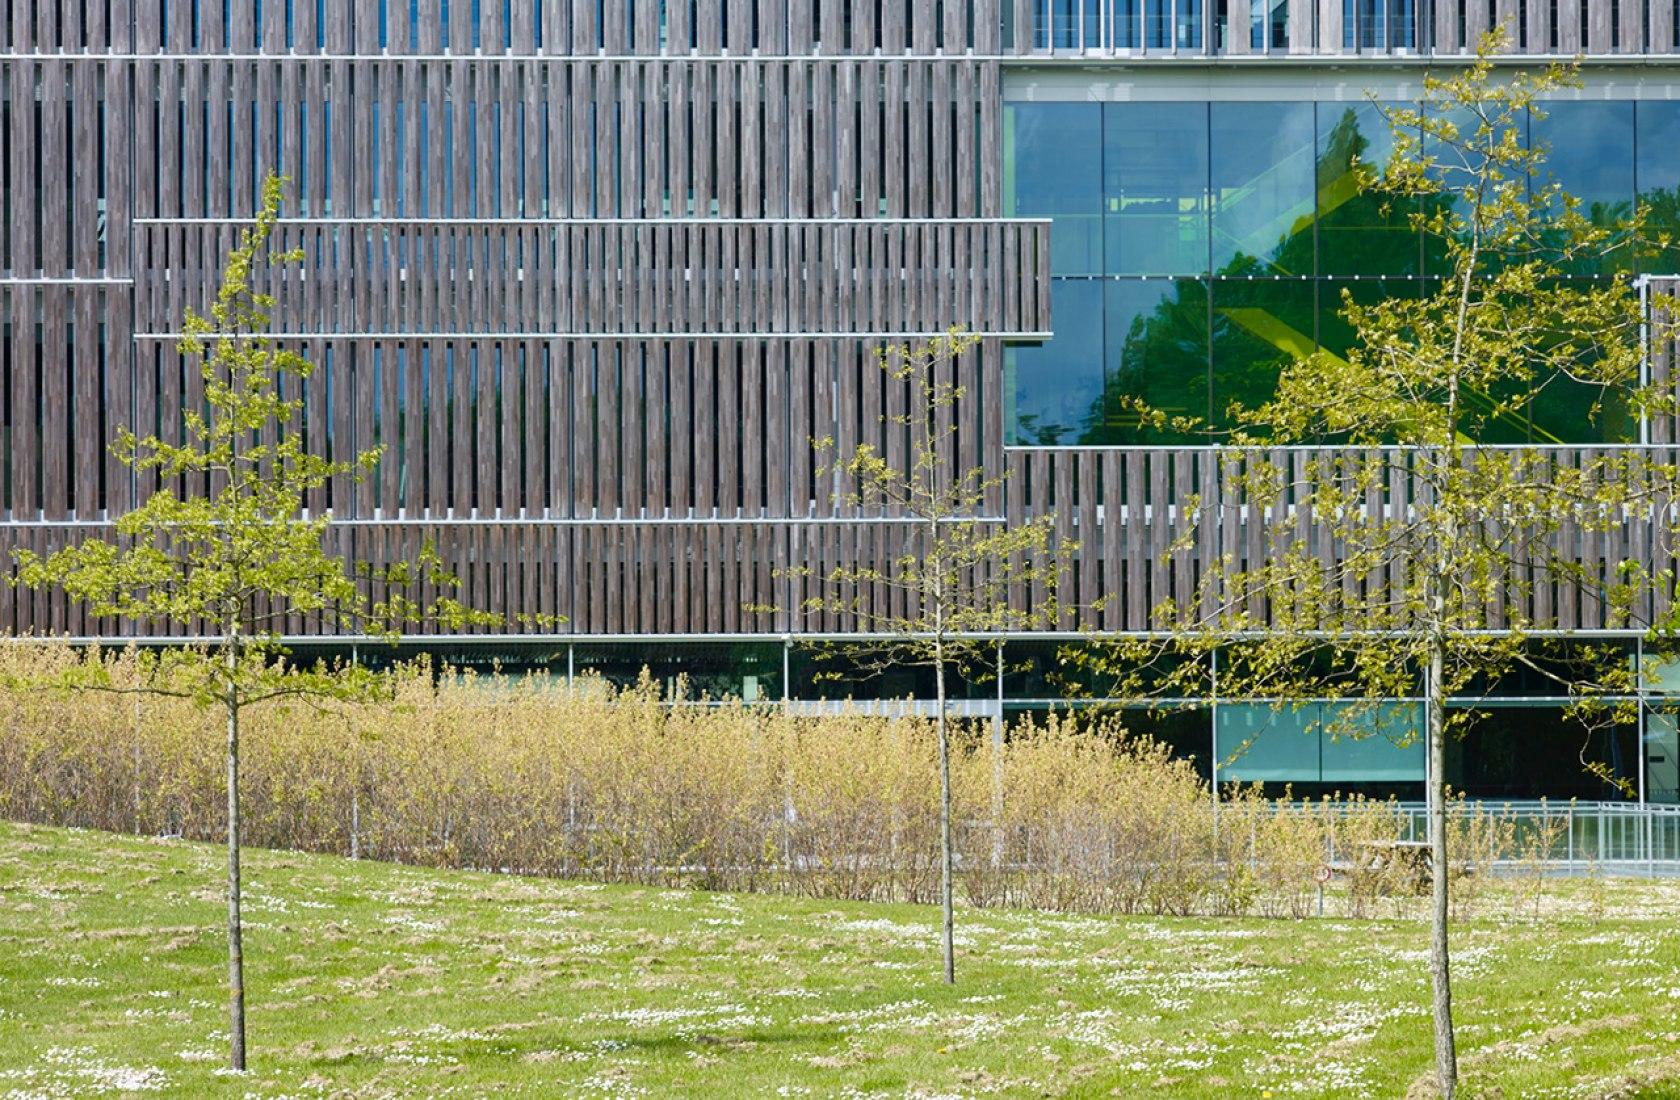 Entorno y paisaje de la sede de PGGM, cuatro años después, por Mateo Arquitectura. Fotografía © Adrià Goula.